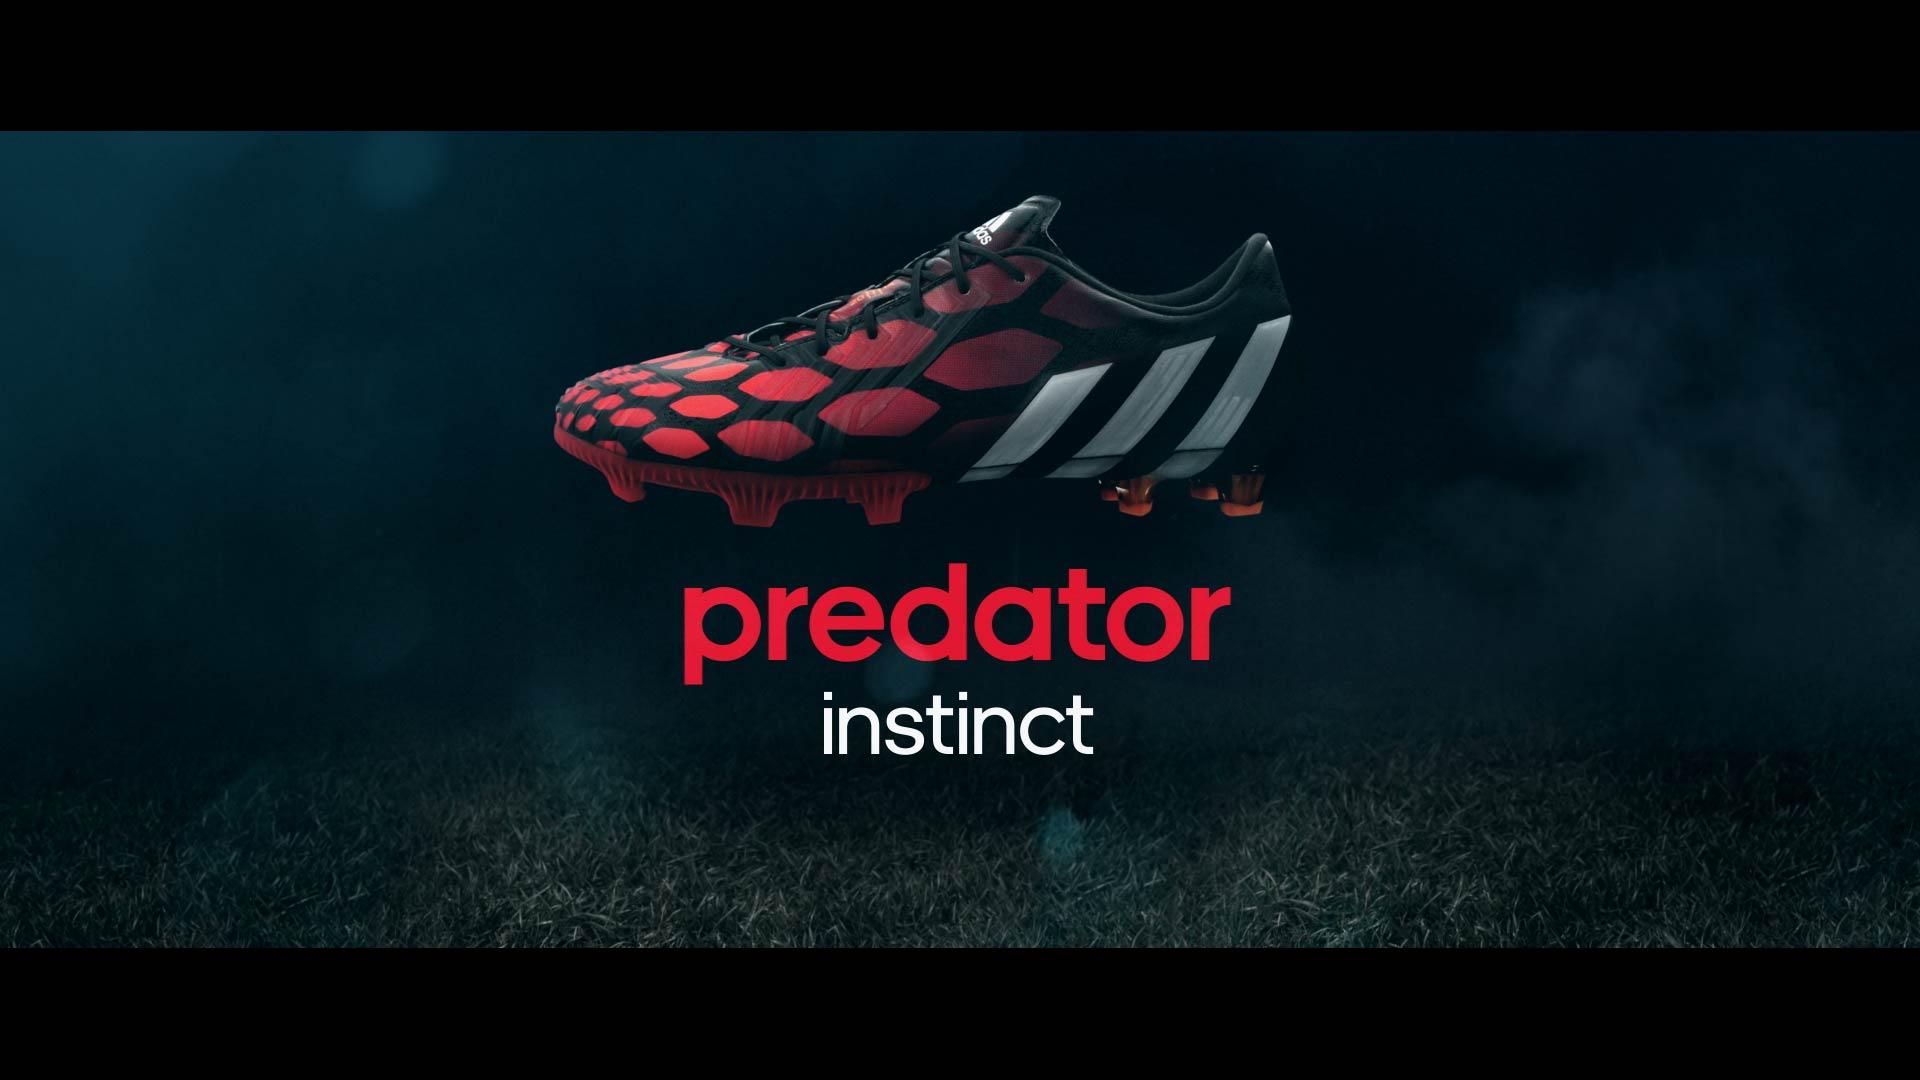 predator_08.jpg